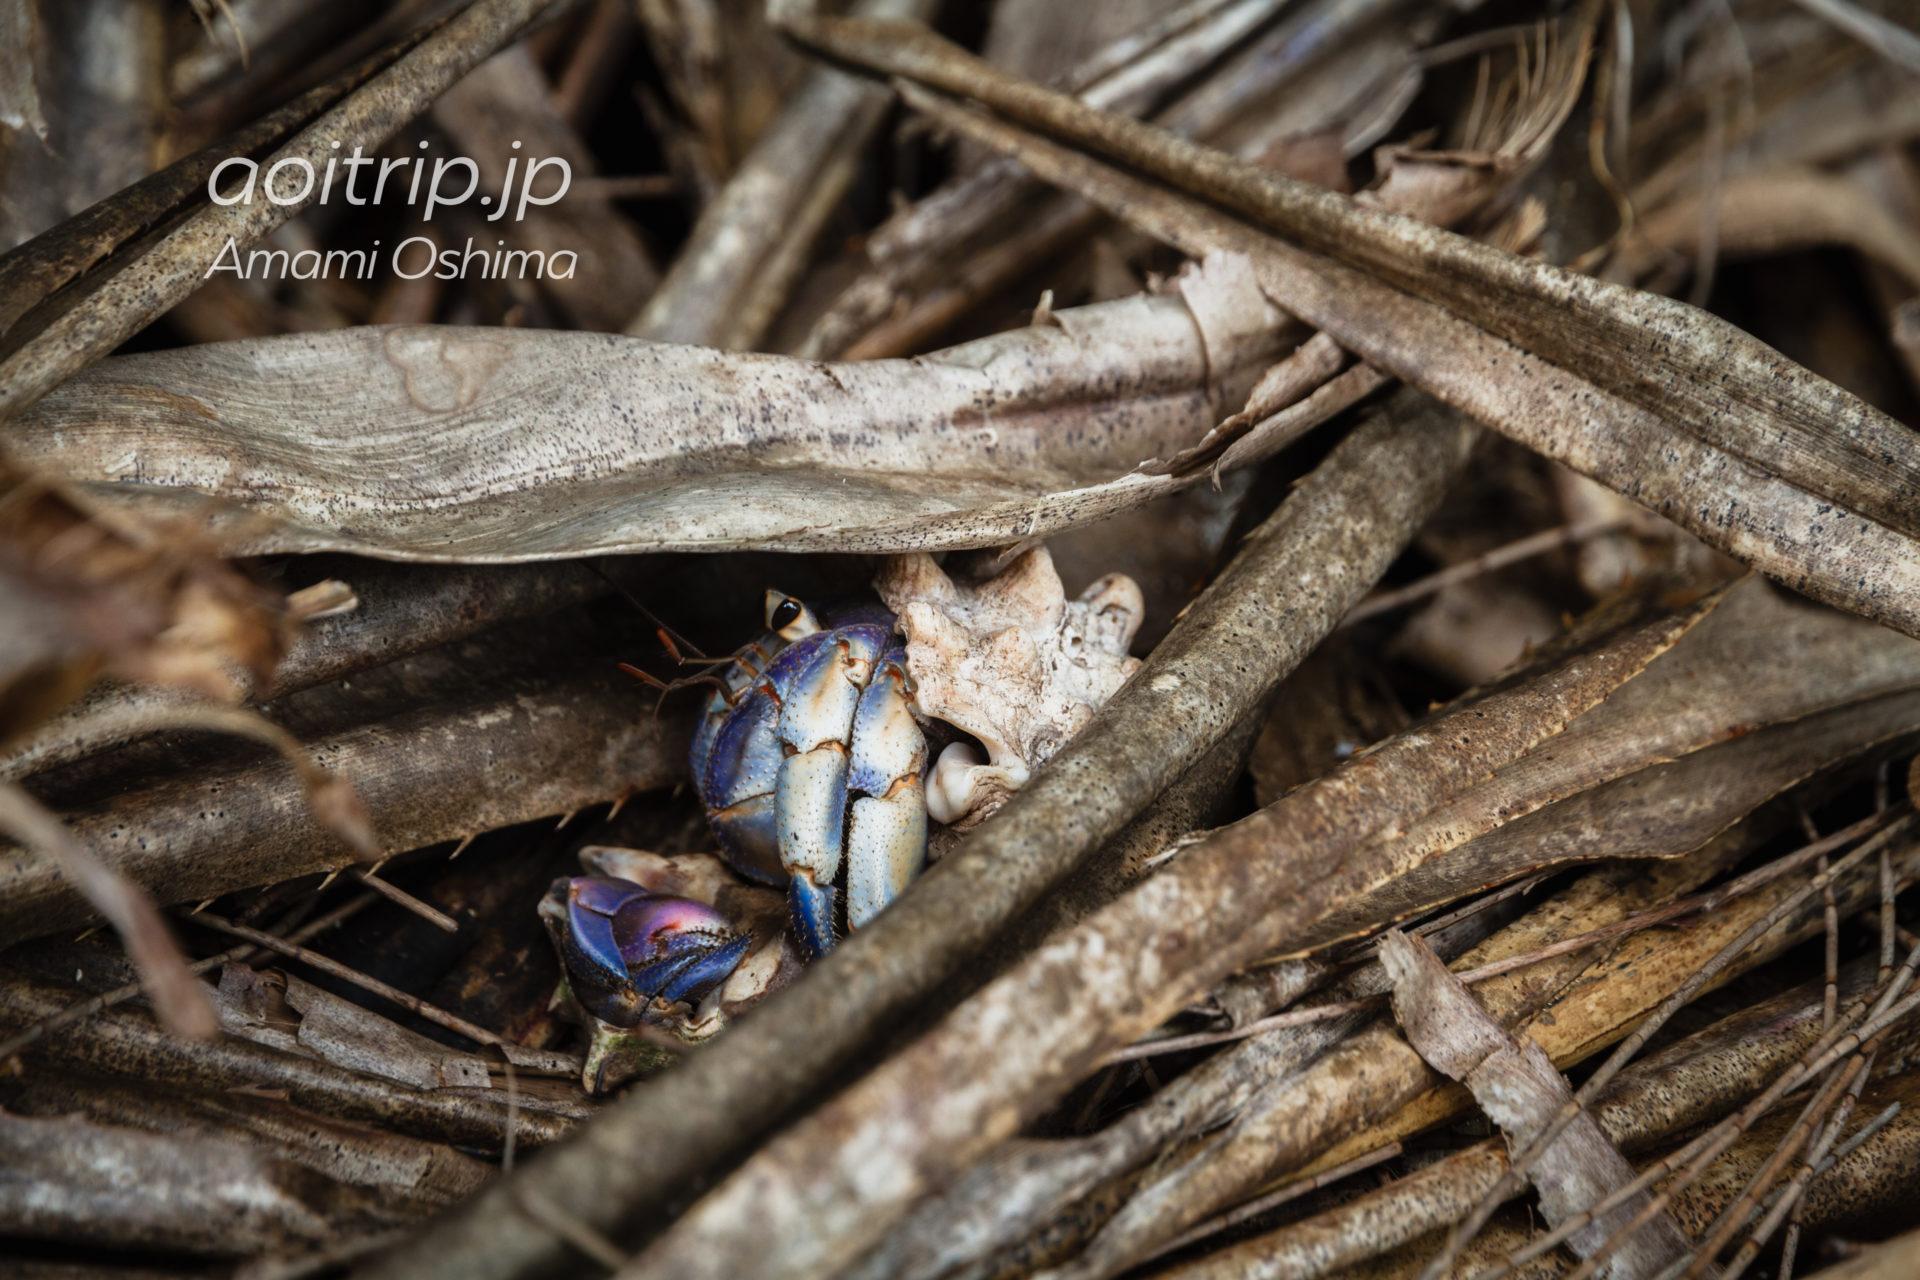 奄美大島の土盛海岸に生息する天然記念物オカヤドカリ